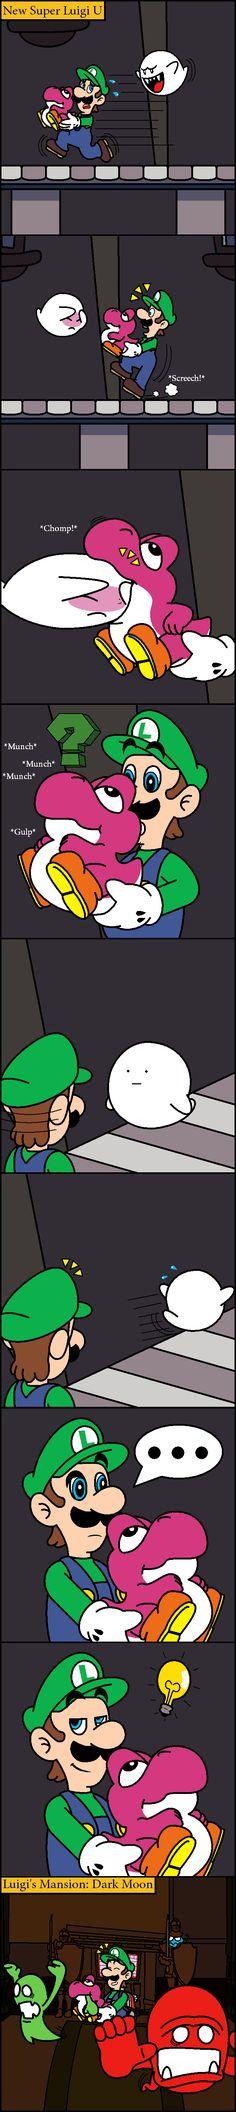 Ghost snacks by Blistinaorgin.deviantart.com on @deviantART Lugi Nintendo from Original